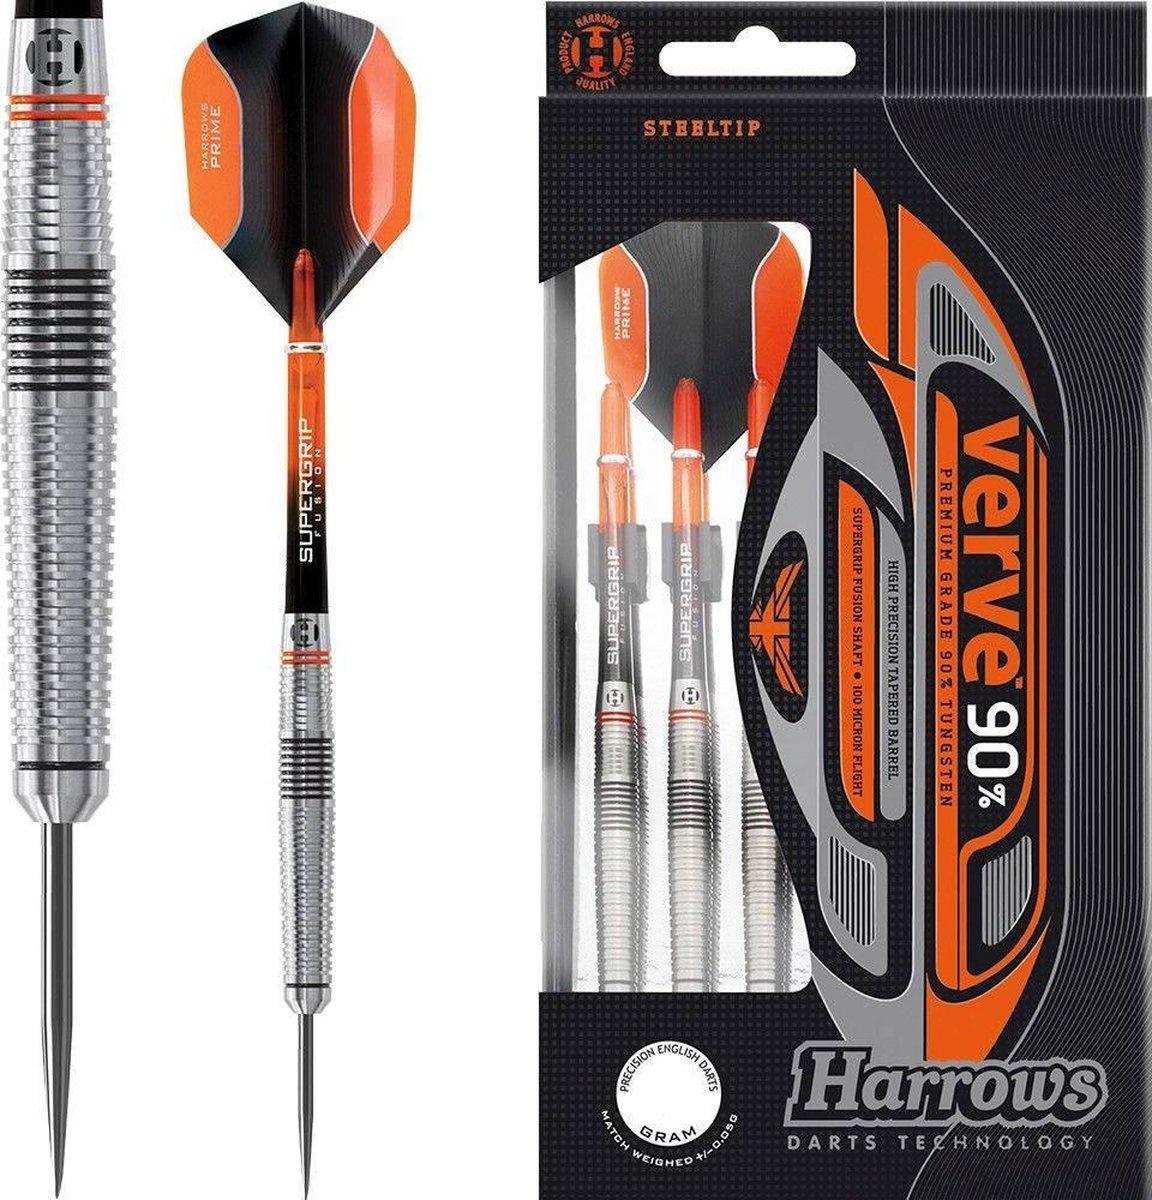 Harrows Darts Harrows Verve 90% Tungsten dartpijlen